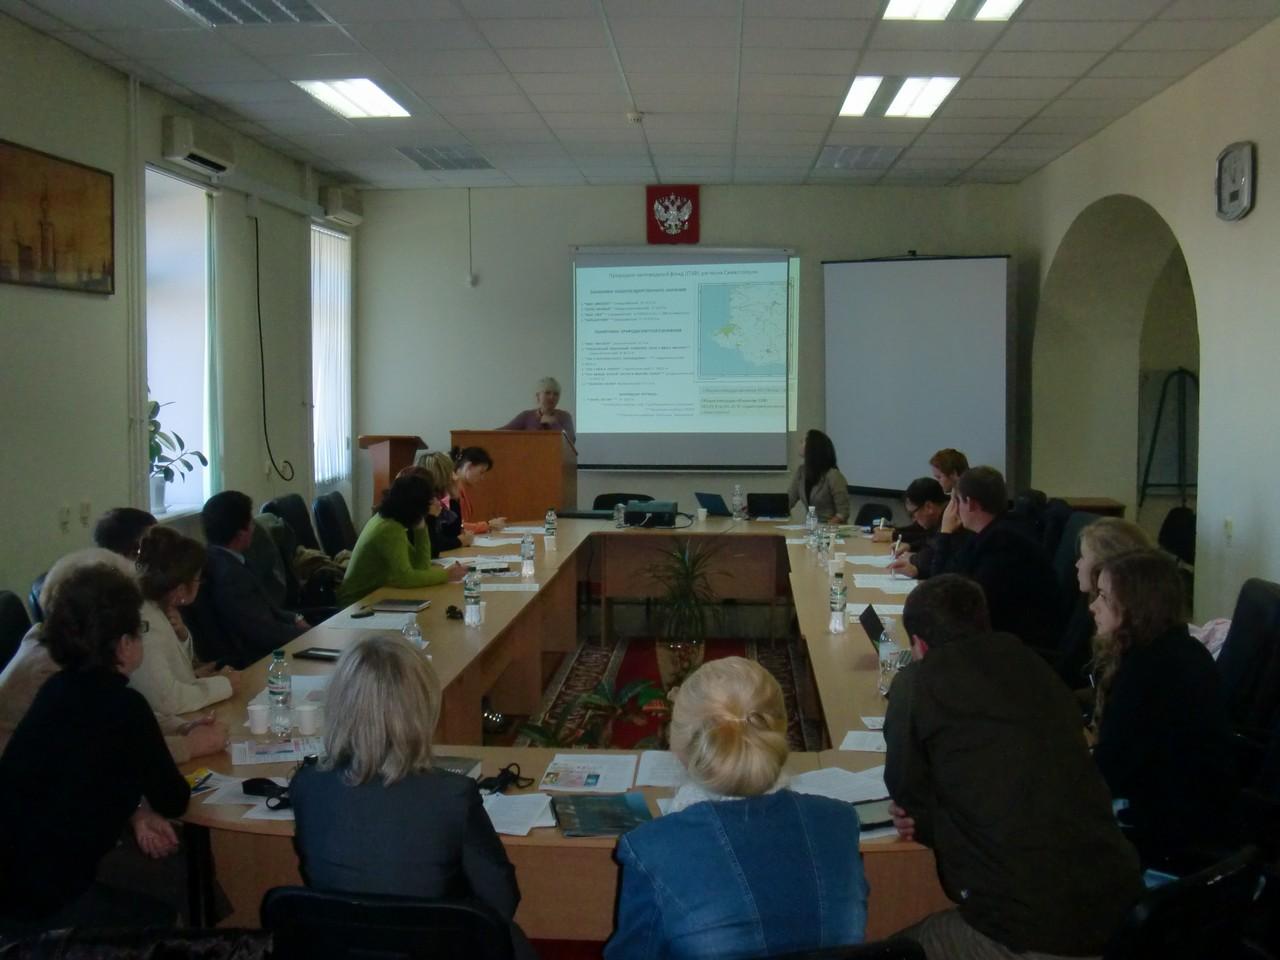 prezentaciya-st-n-s-inbyum-l-v-bondarevojj-po-prirodnomu-naslediyu-sevastopolya